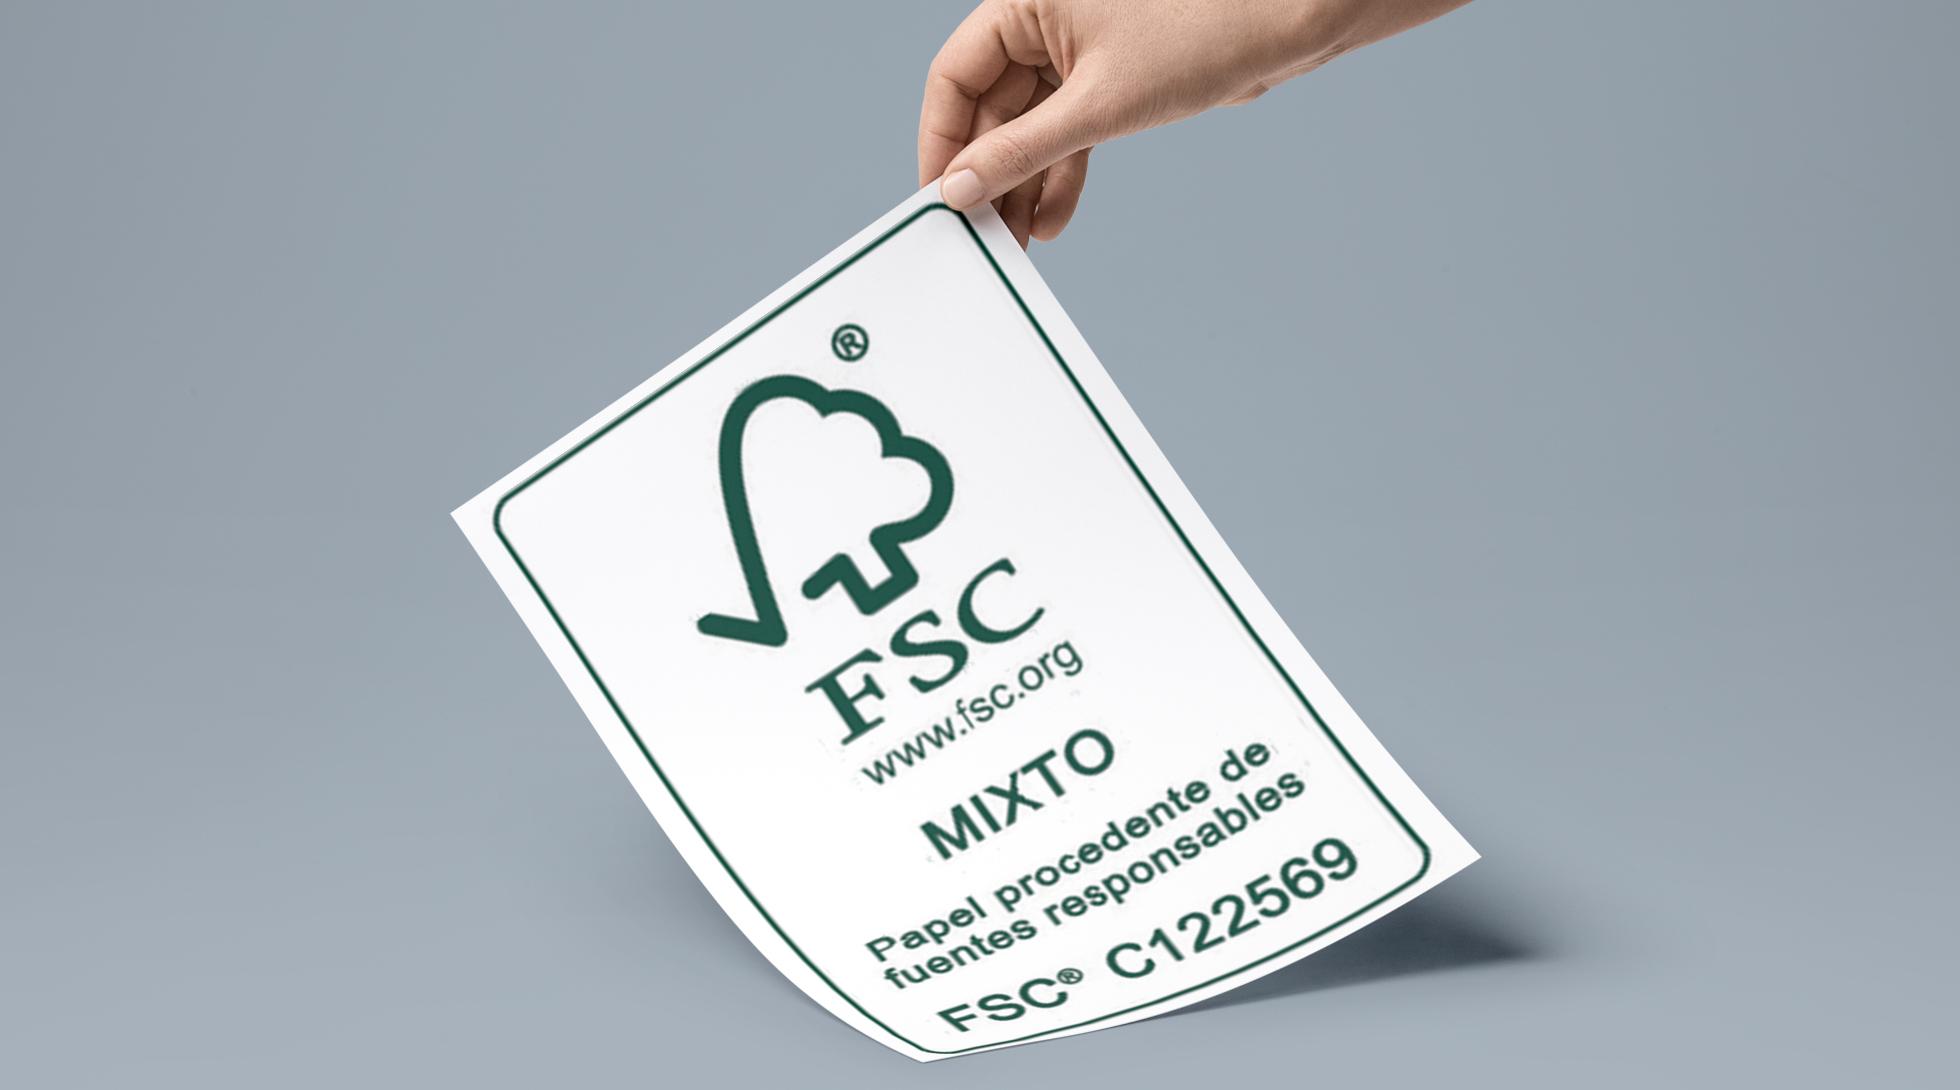 atf-turisferr-certificacion-fsc-papel-sostenible